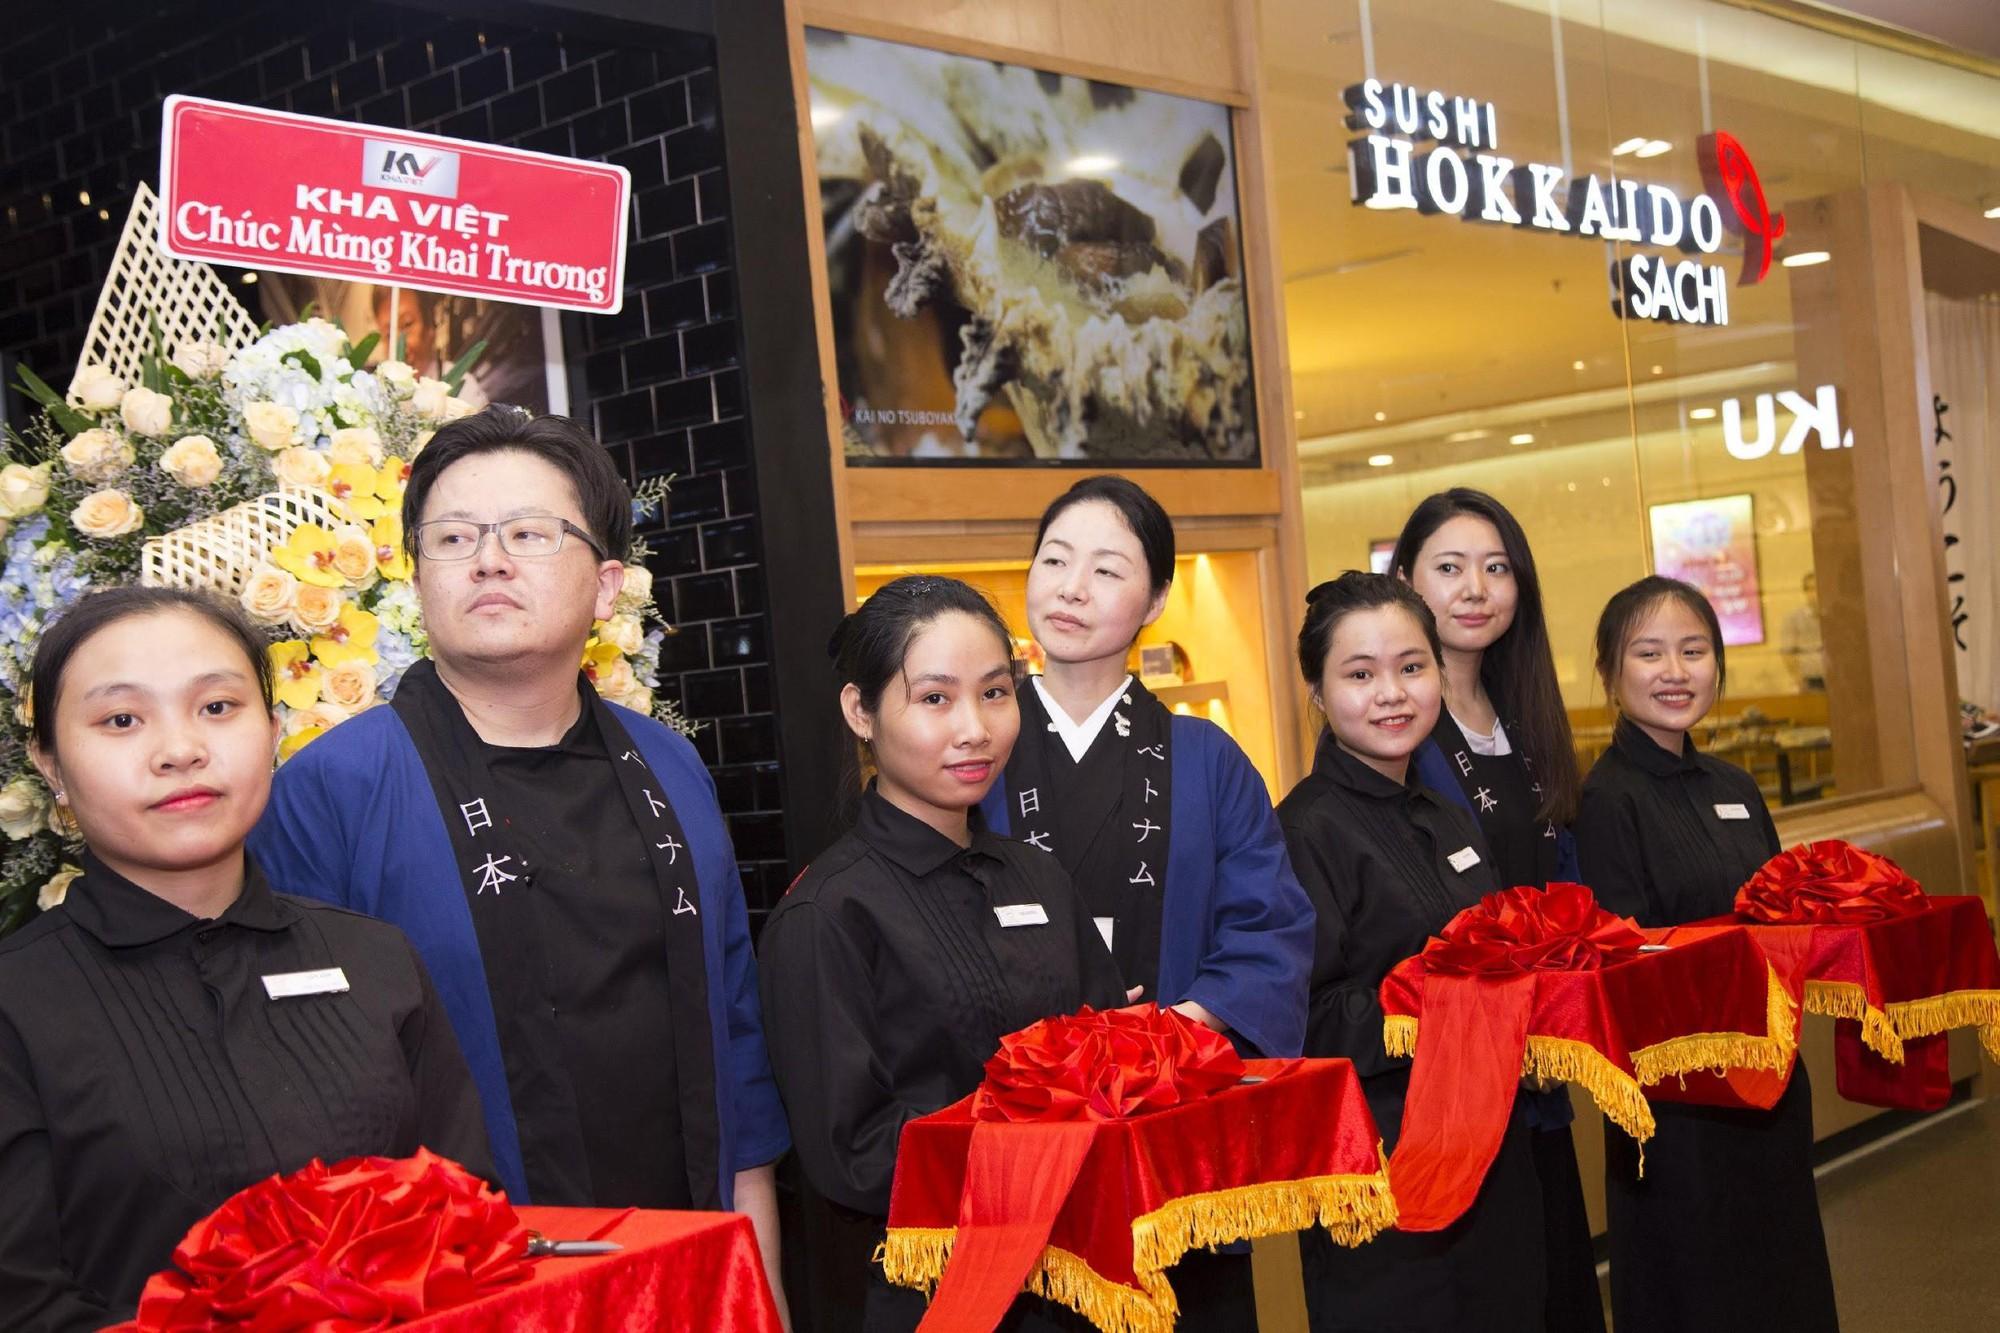 Basta Hiro tưng bừng khai trương chi nhánh thứ 4 tại Vincom Đồng Khởi - Ảnh 2.